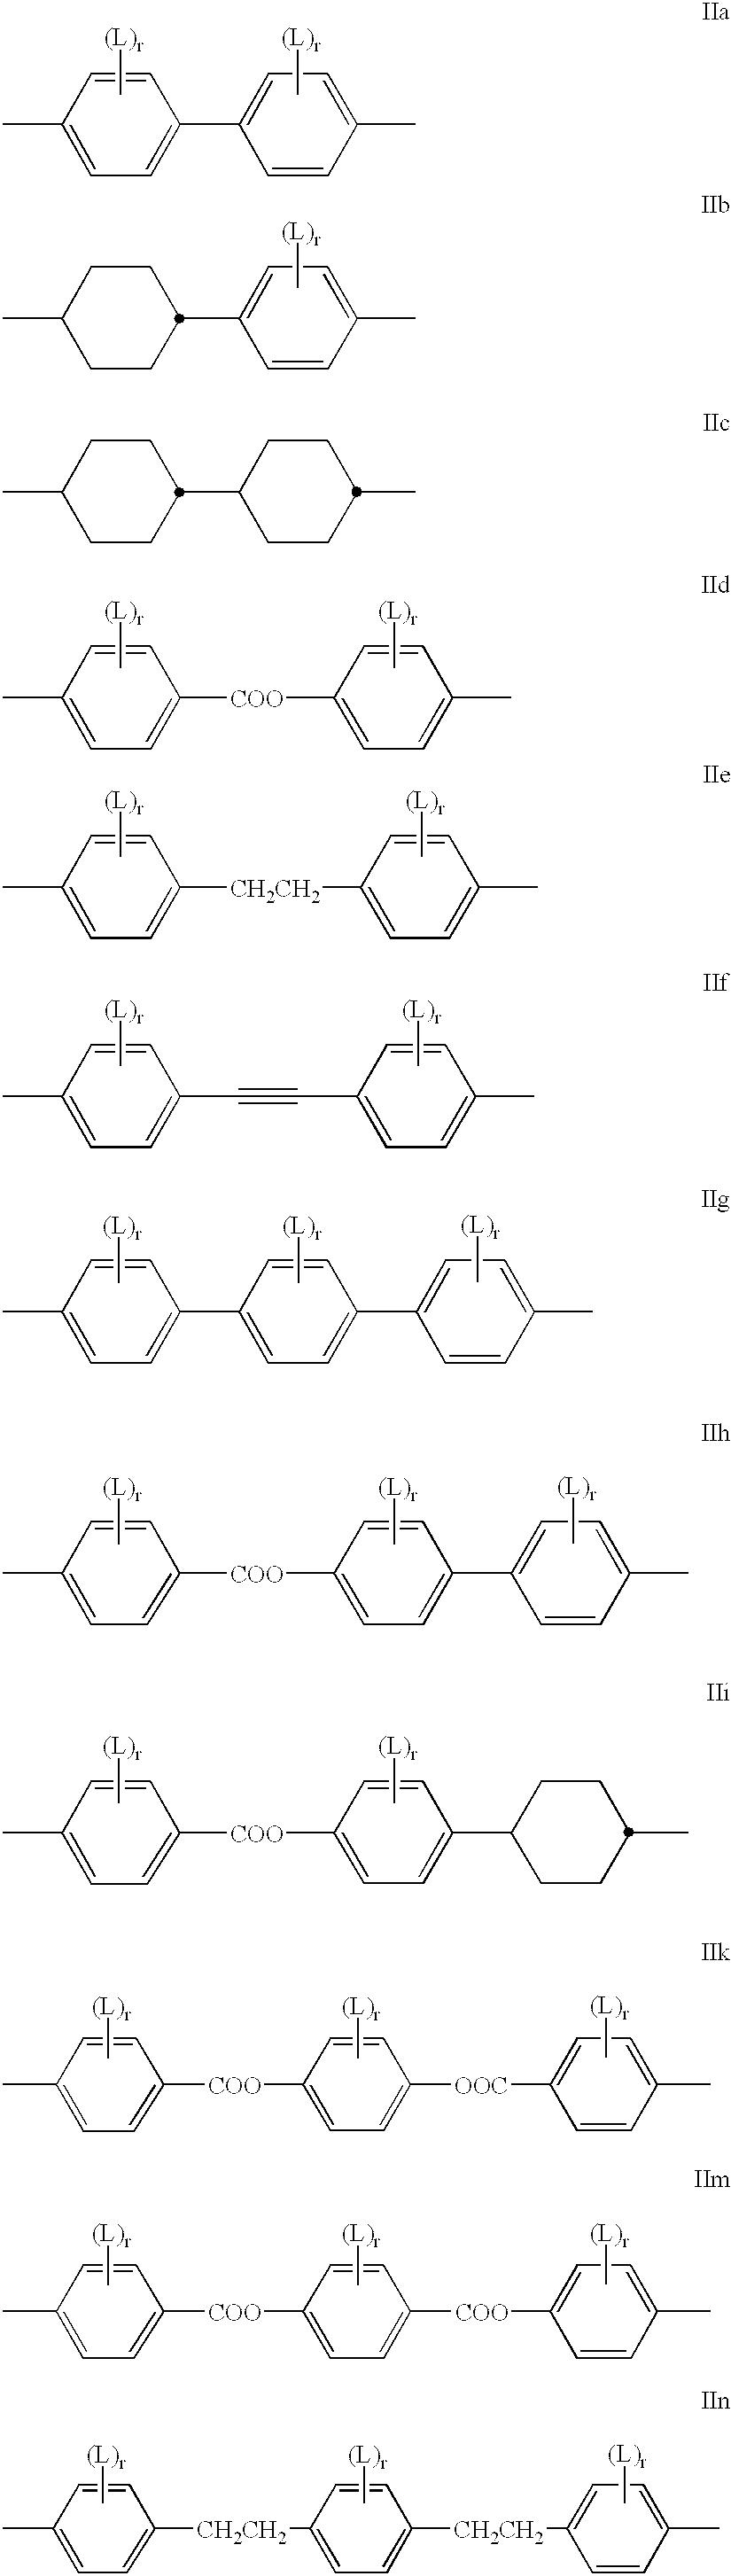 Figure US06417902-20020709-C00002